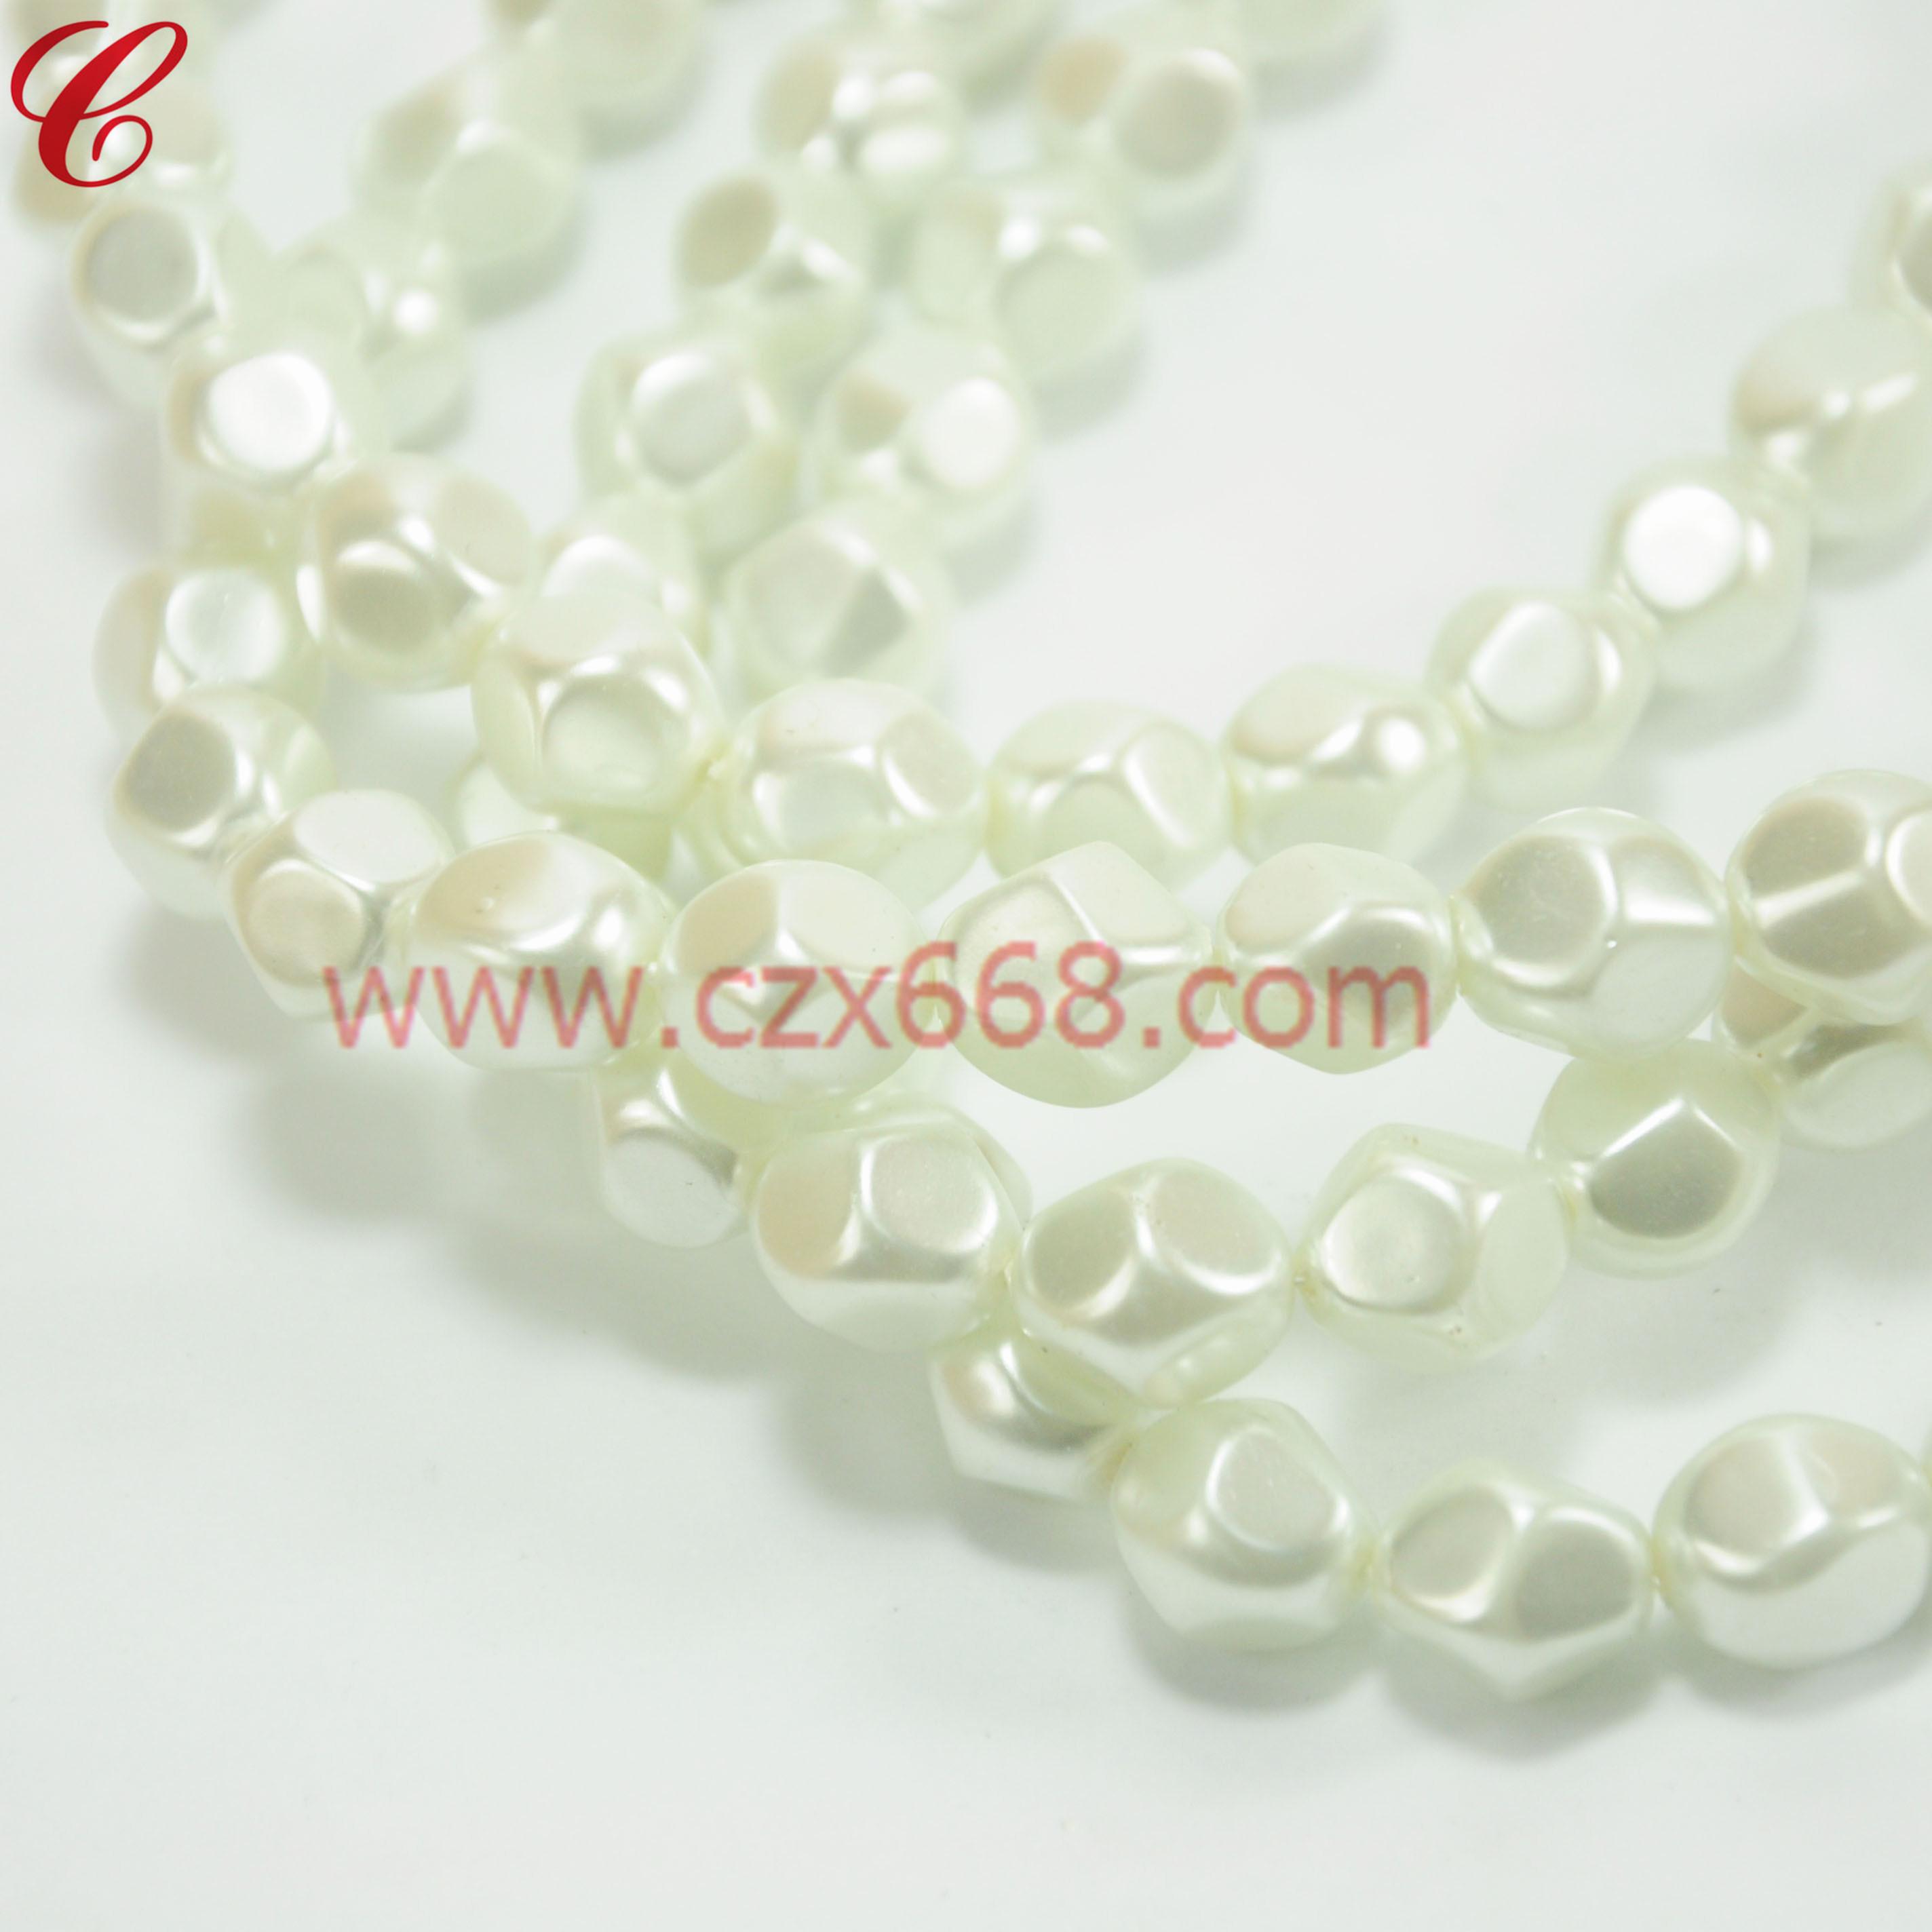 玻璃仿珍珠异形珠-09